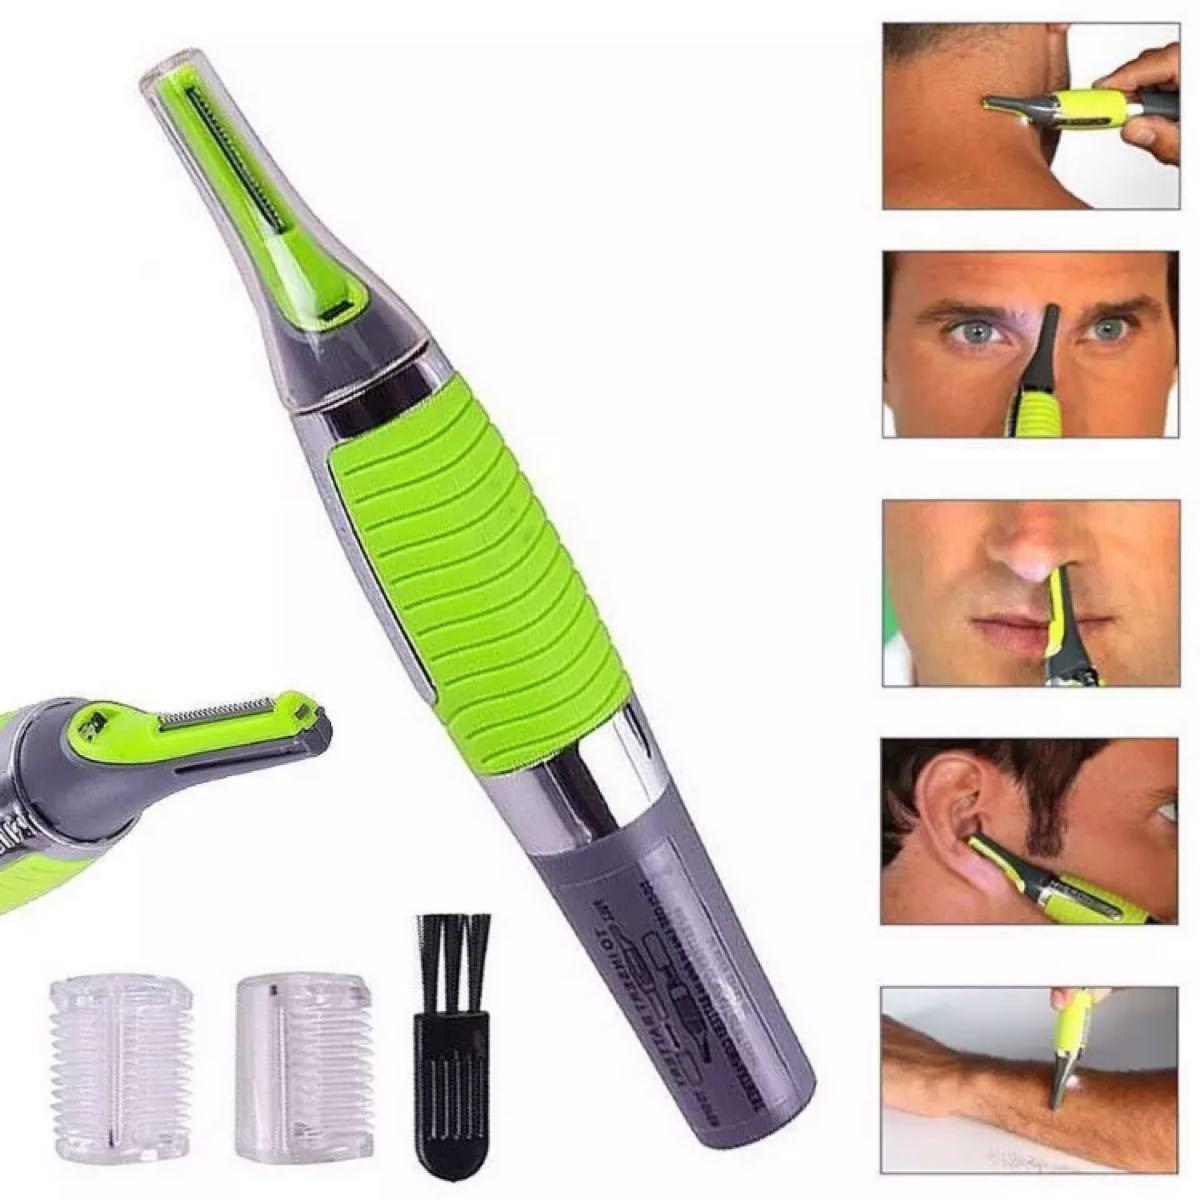 電気鼻毛カッター。眉毛、鼻毛、ムダ毛処理。